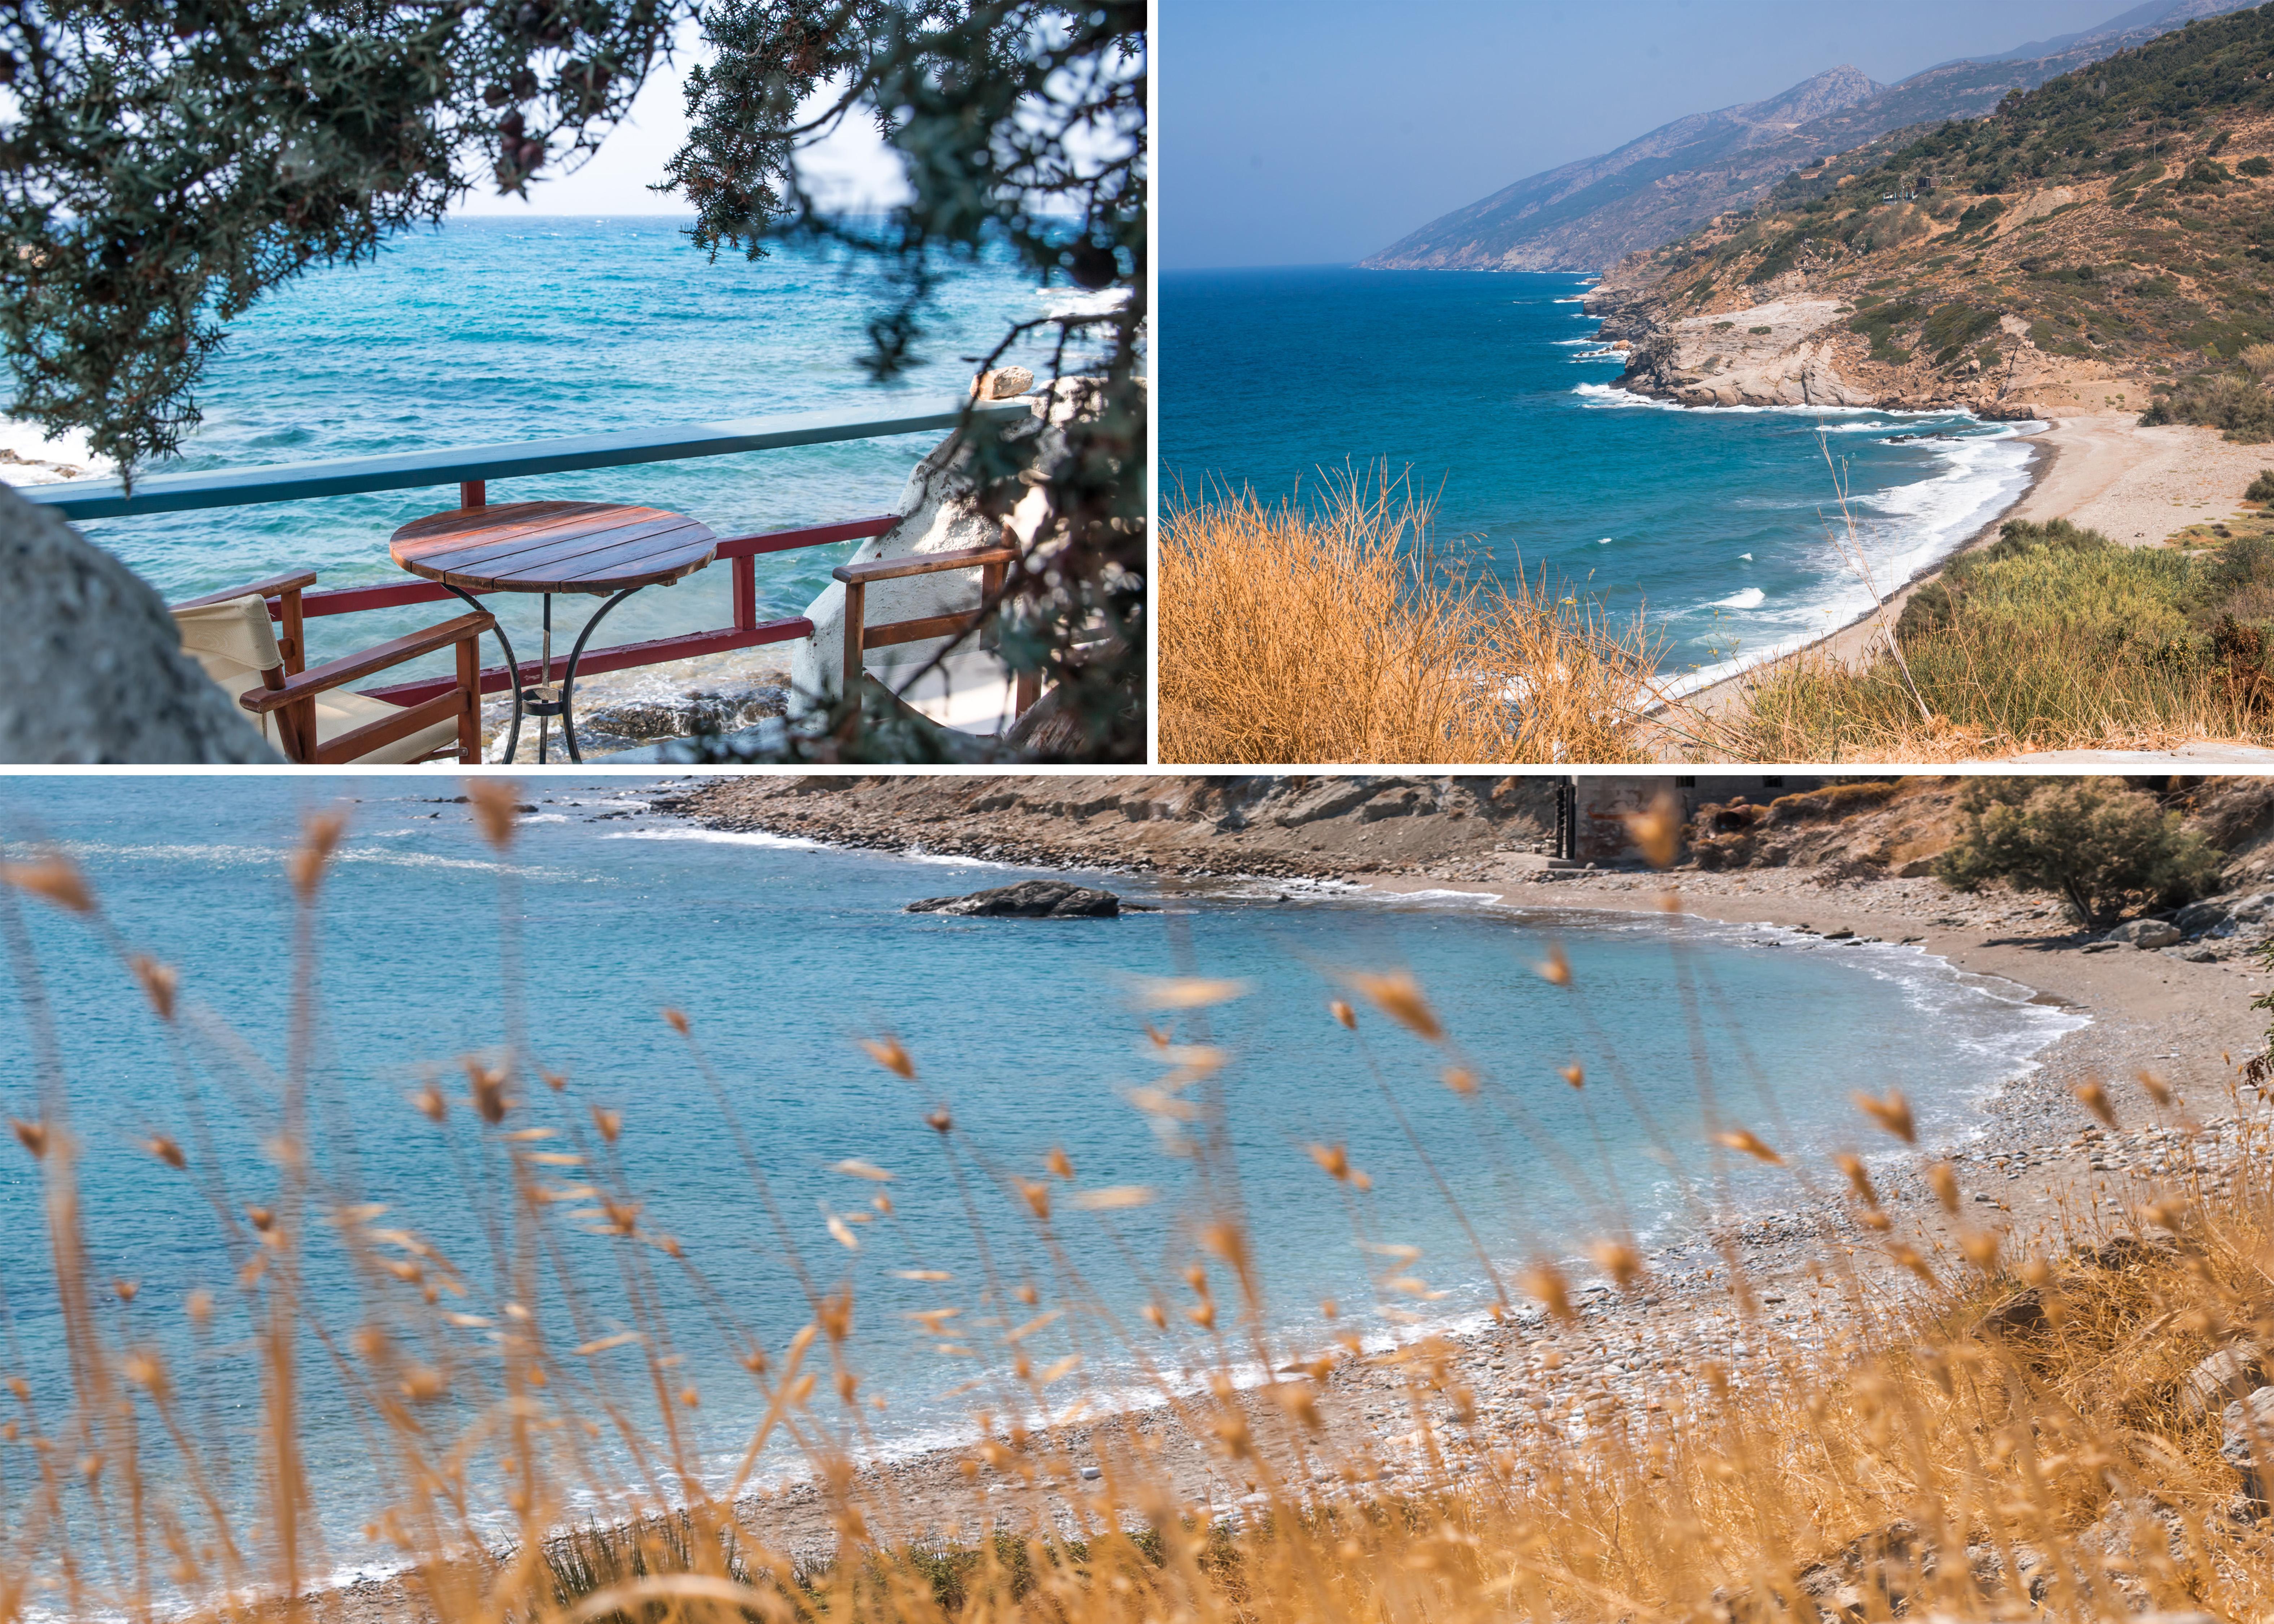 Unterwegs auf Ikaria zu schönen Stränden und gemütlichen Tavernen